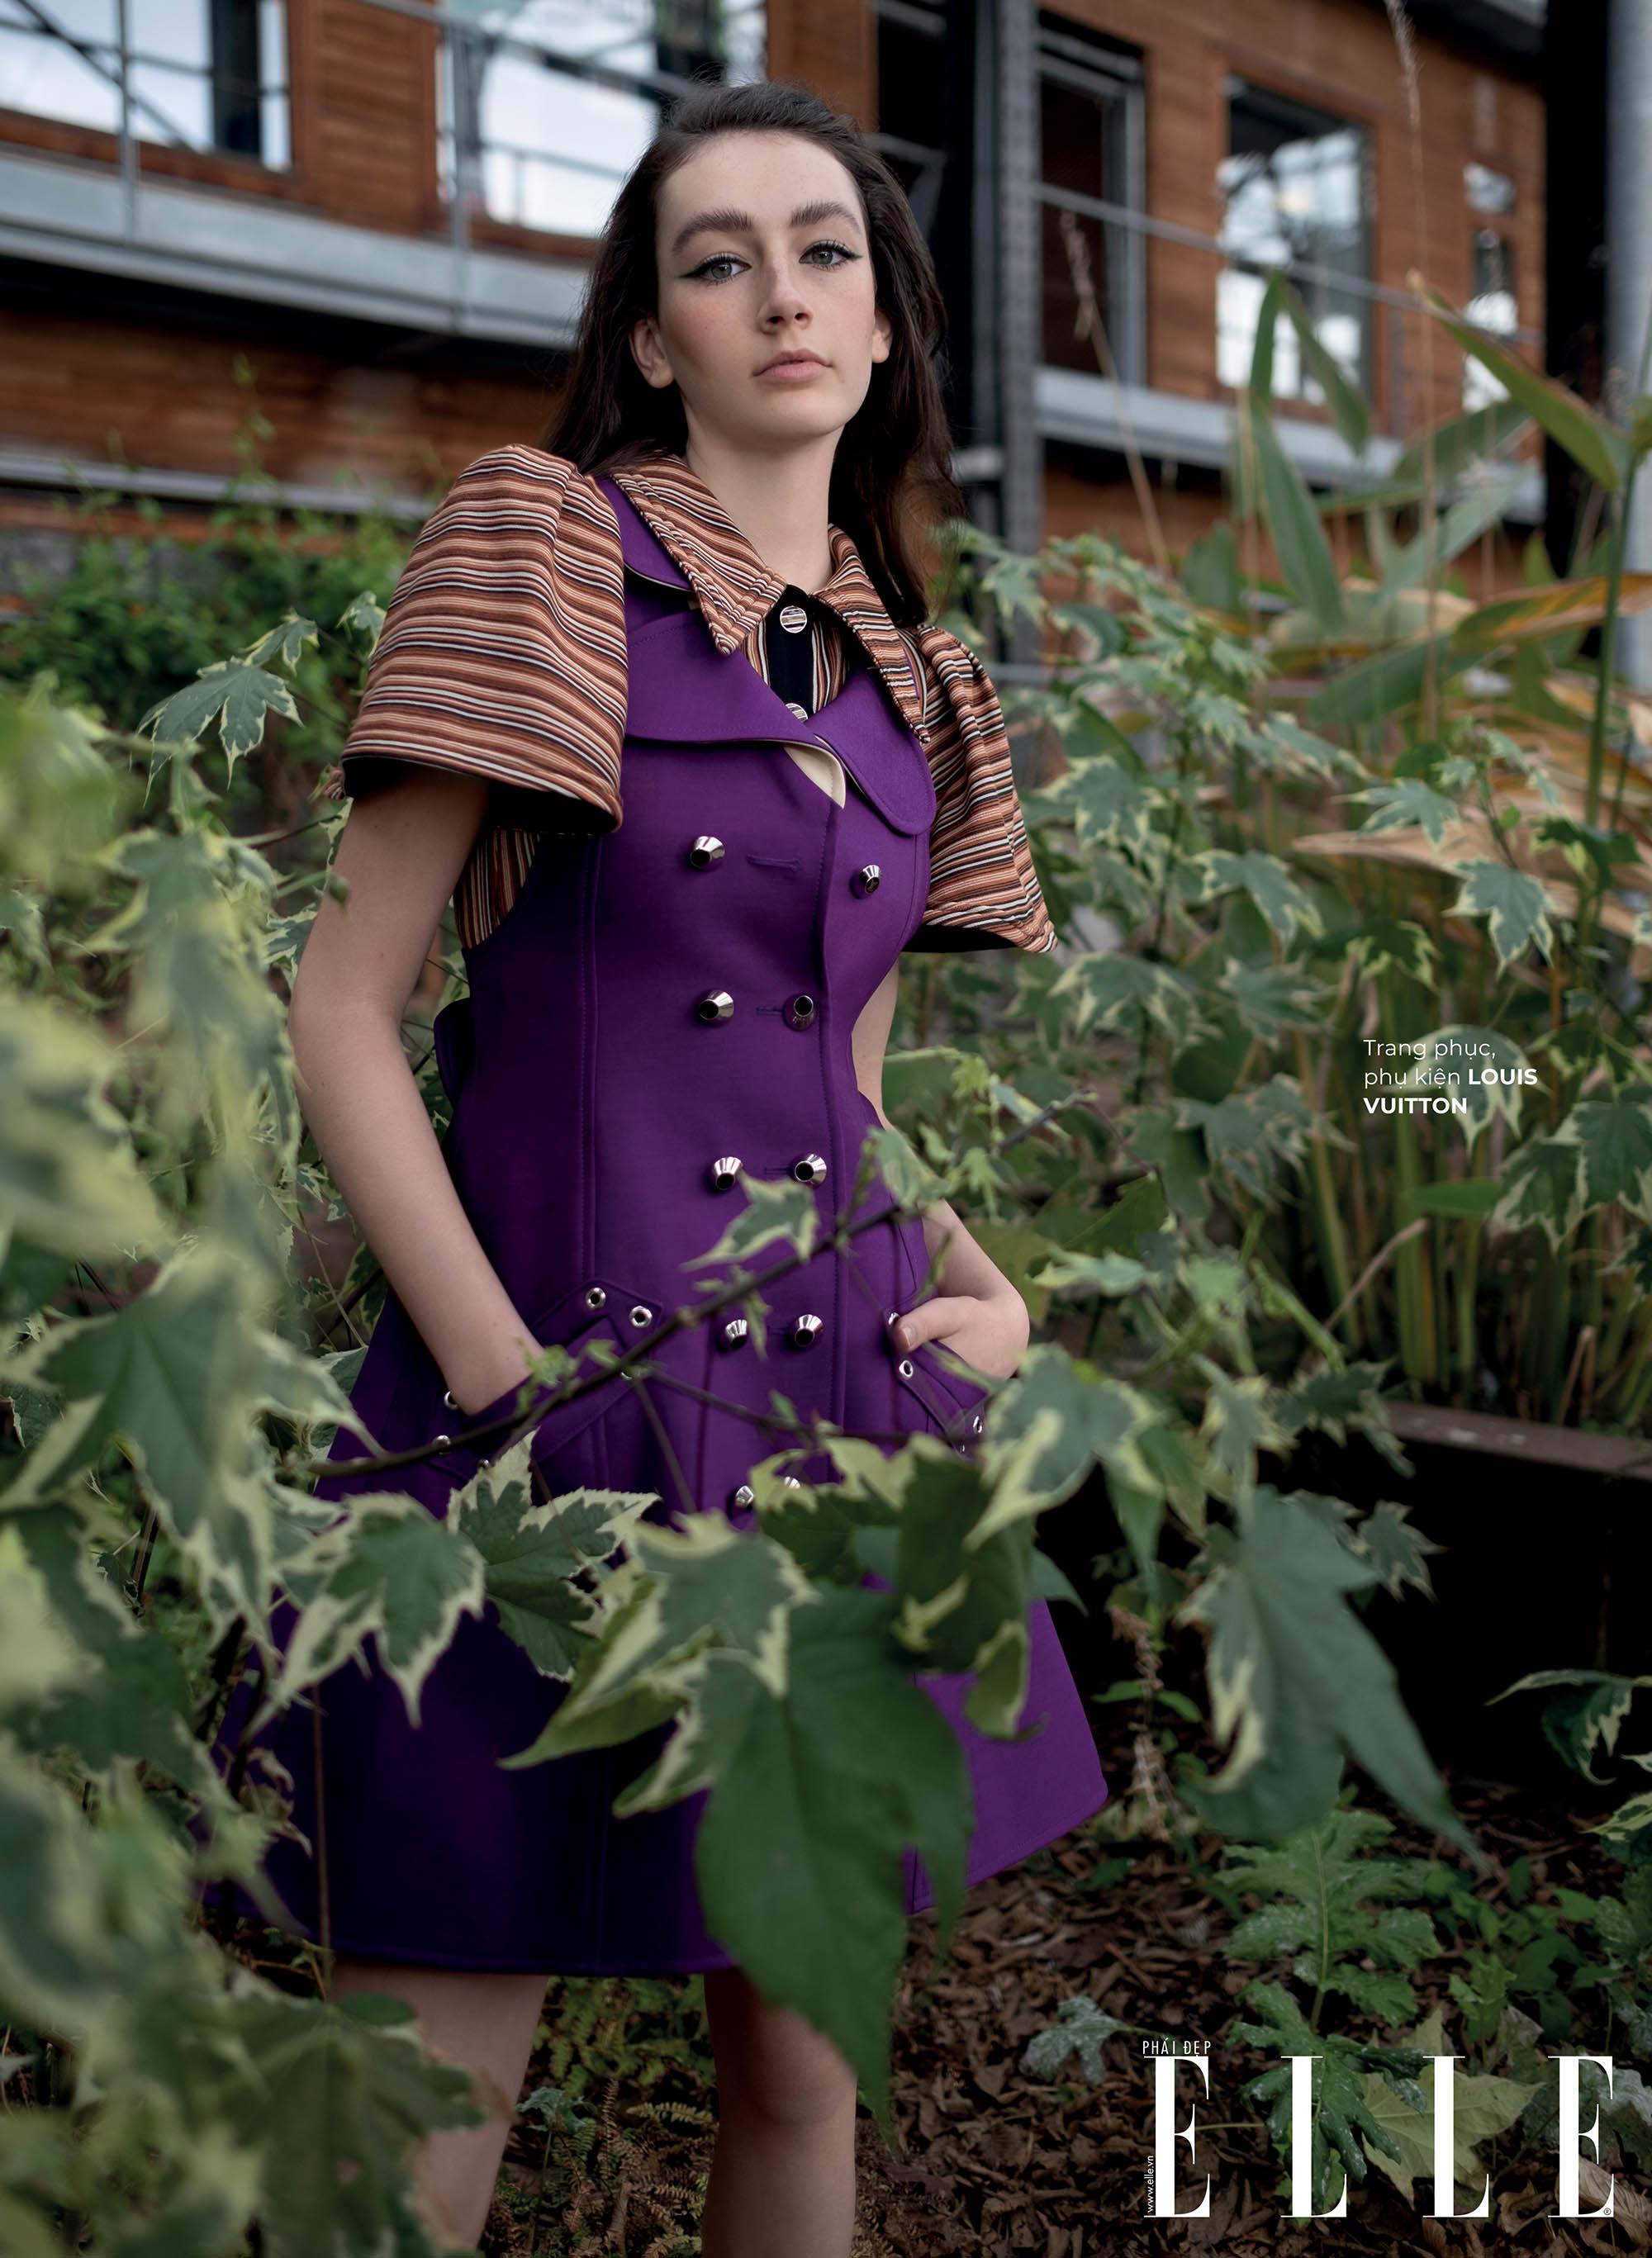 thời trang bền vững trang phục Louis Vuitton cô gái đứng giữa vườn cây